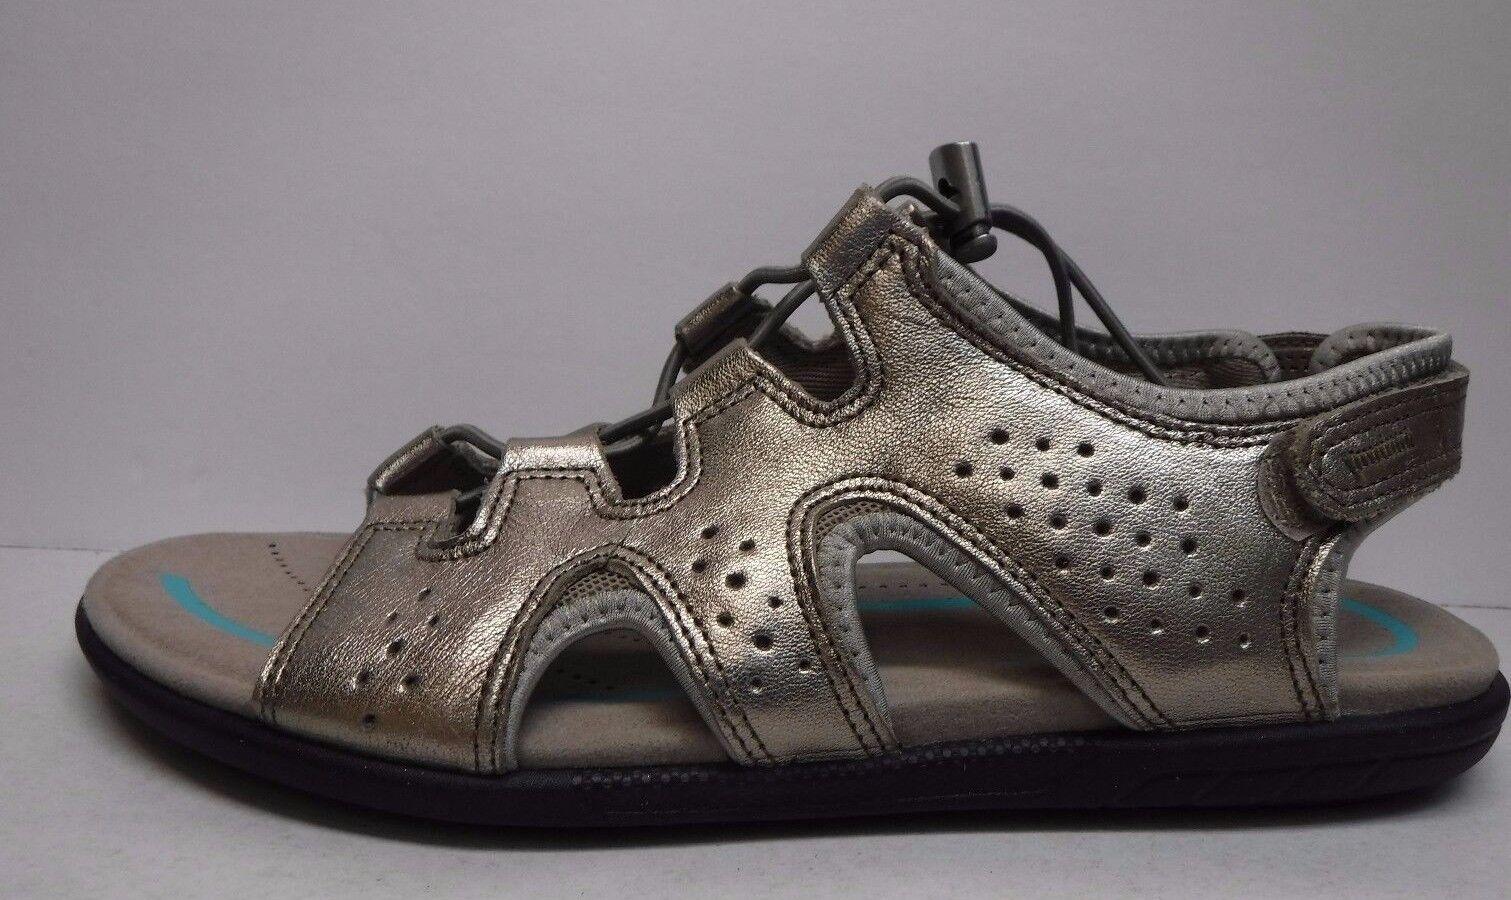 Ecco Talla US 9 9.5 gris Nuevos Mujer Zapatos Sandalias cueros Metálico